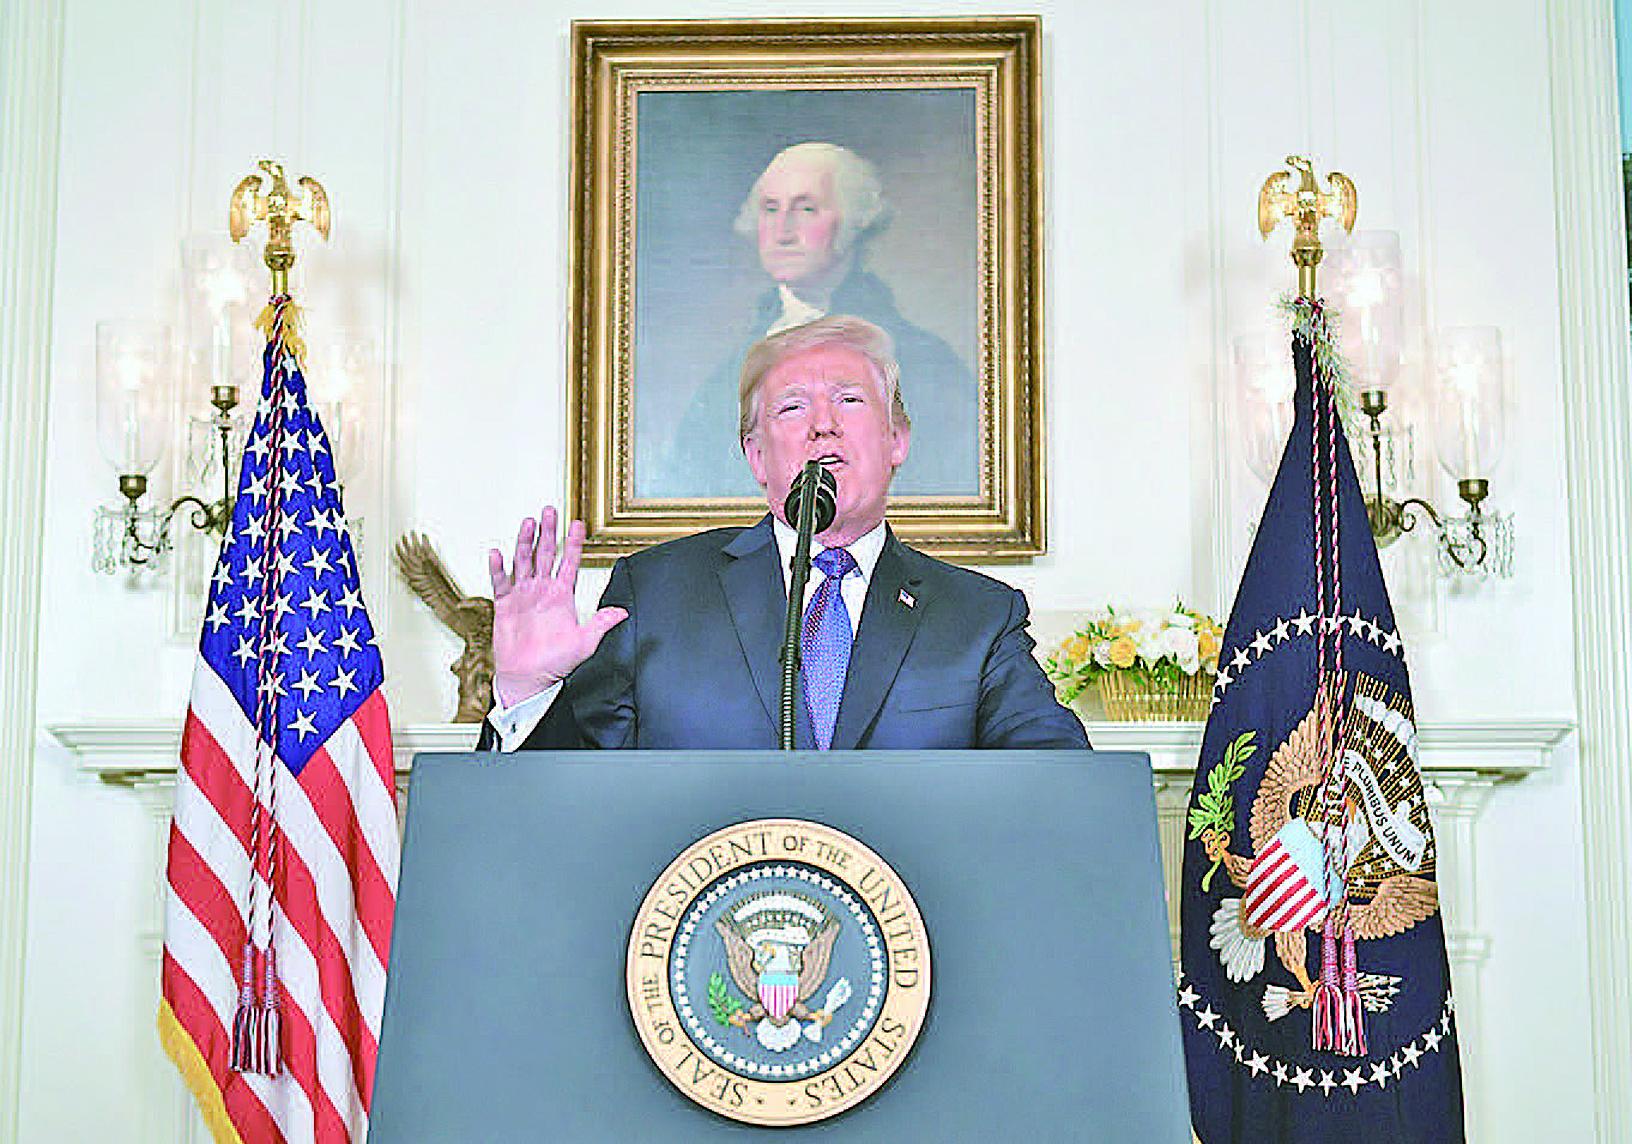 特朗普總統表示,很快就會知道特金會是否如期舉行,並說朝鮮半島和平比諾貝爾獎更重要。(Getty Images)